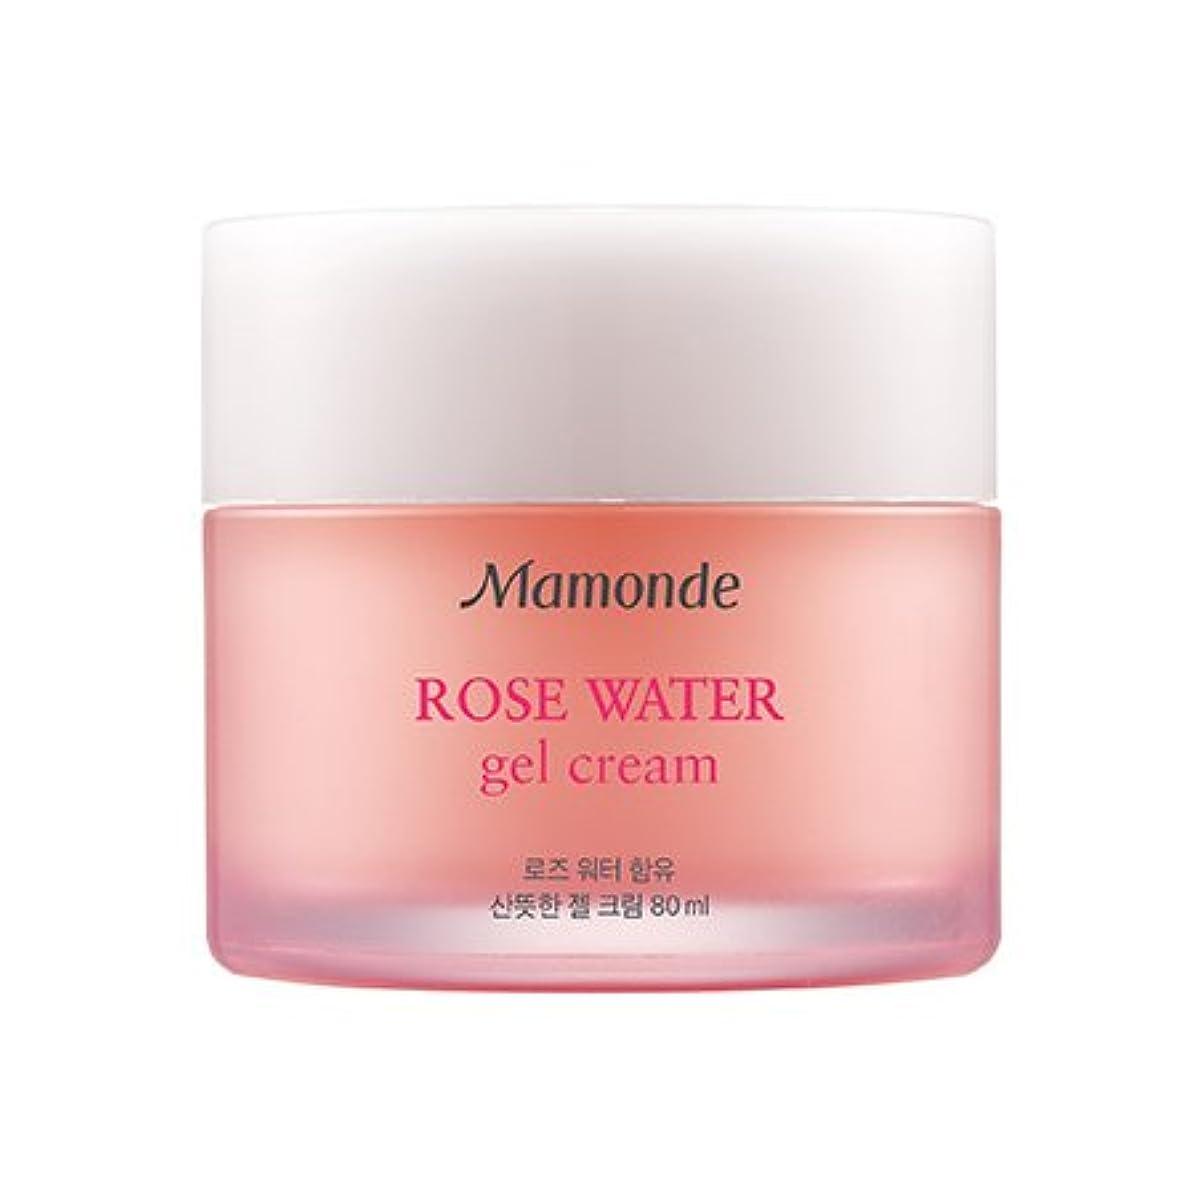 合唱団火薬難民Mamonde Rose Water Gel Cream 80ml/マモンド ローズ ウォーター ジェル クリーム 80ml [並行輸入品]